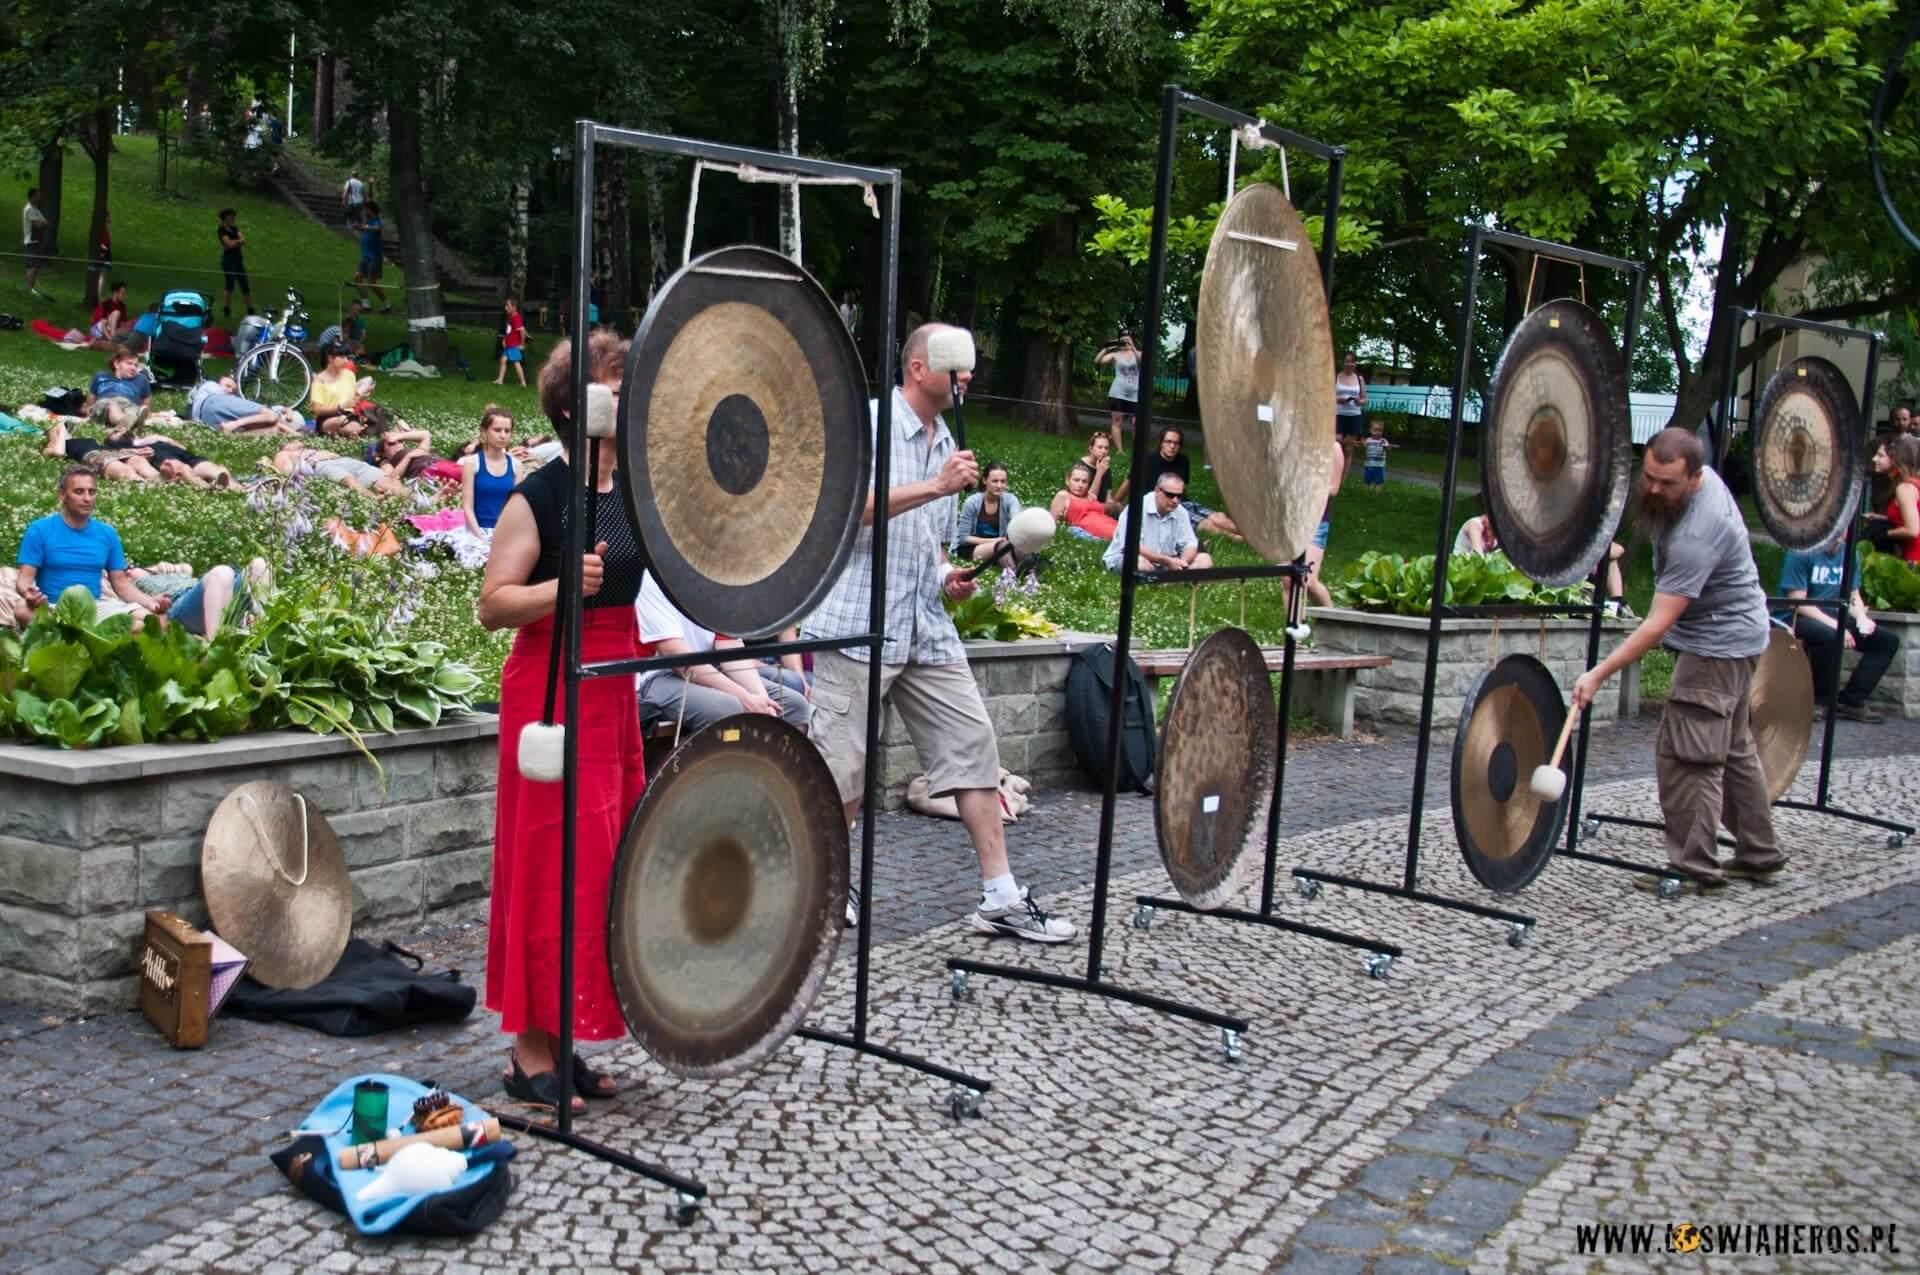 Jest też masaż dźwiękiem gongów tybetańskich. [f/3,5, 22mm]